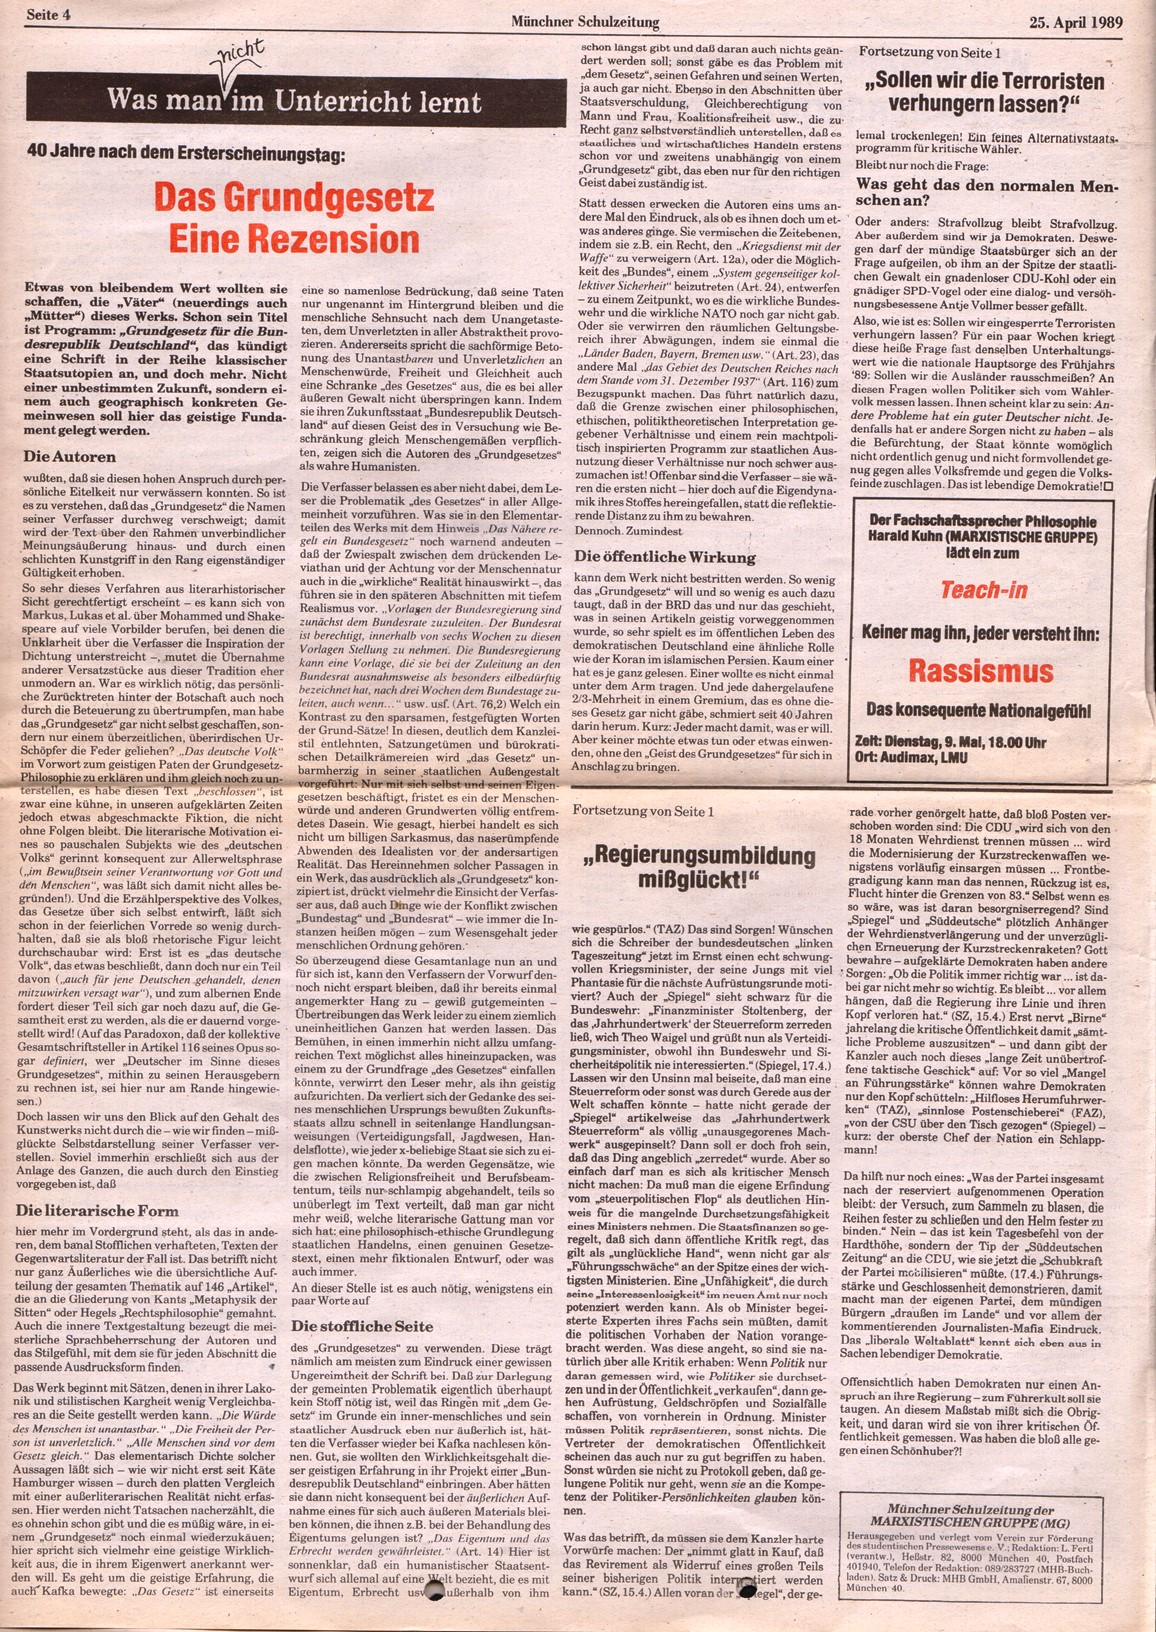 Muenchen_MG_Schulzeitung_19890425_04